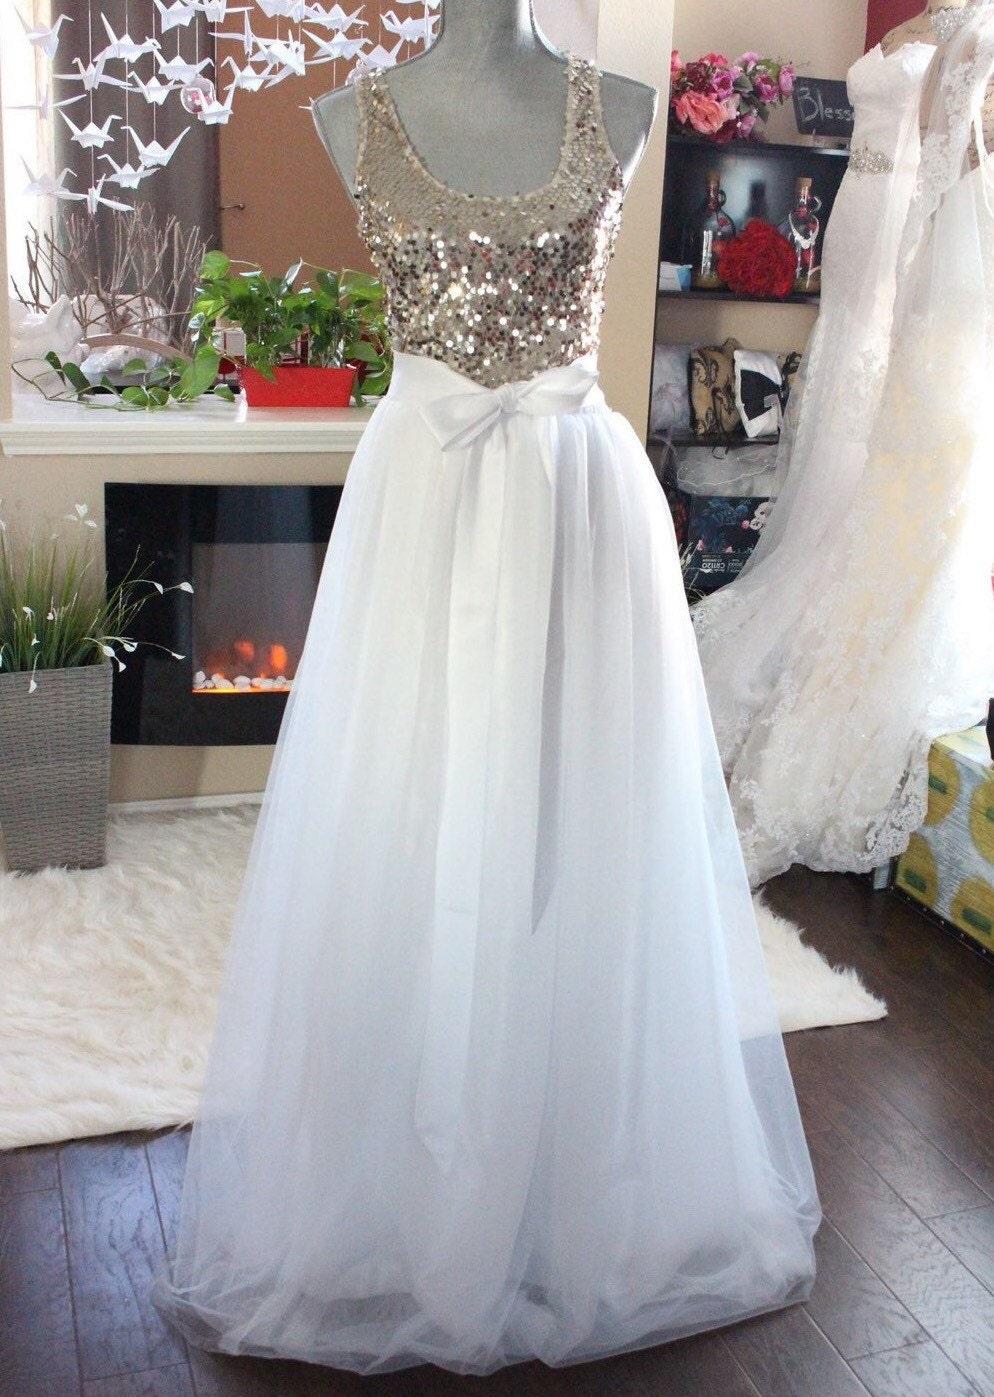 🔎zoom - Tulle Skirt / Elastic Waistband Tulle Maxi Skirt / White Tulle